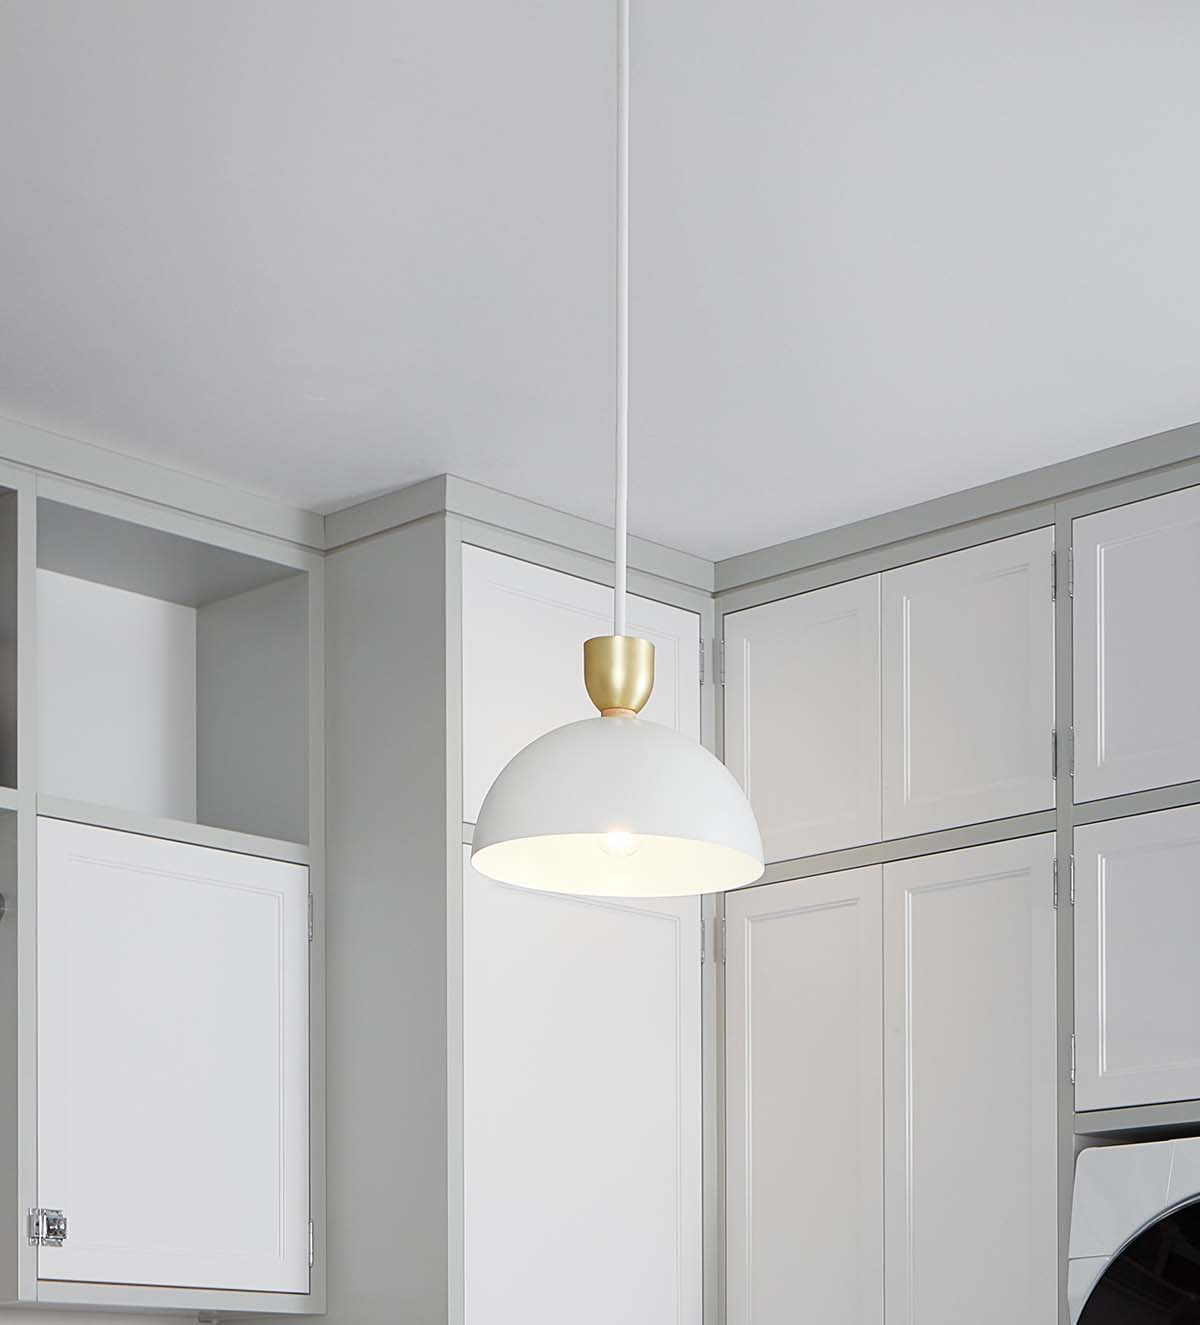 GlucksteinElements | Bryant lighting